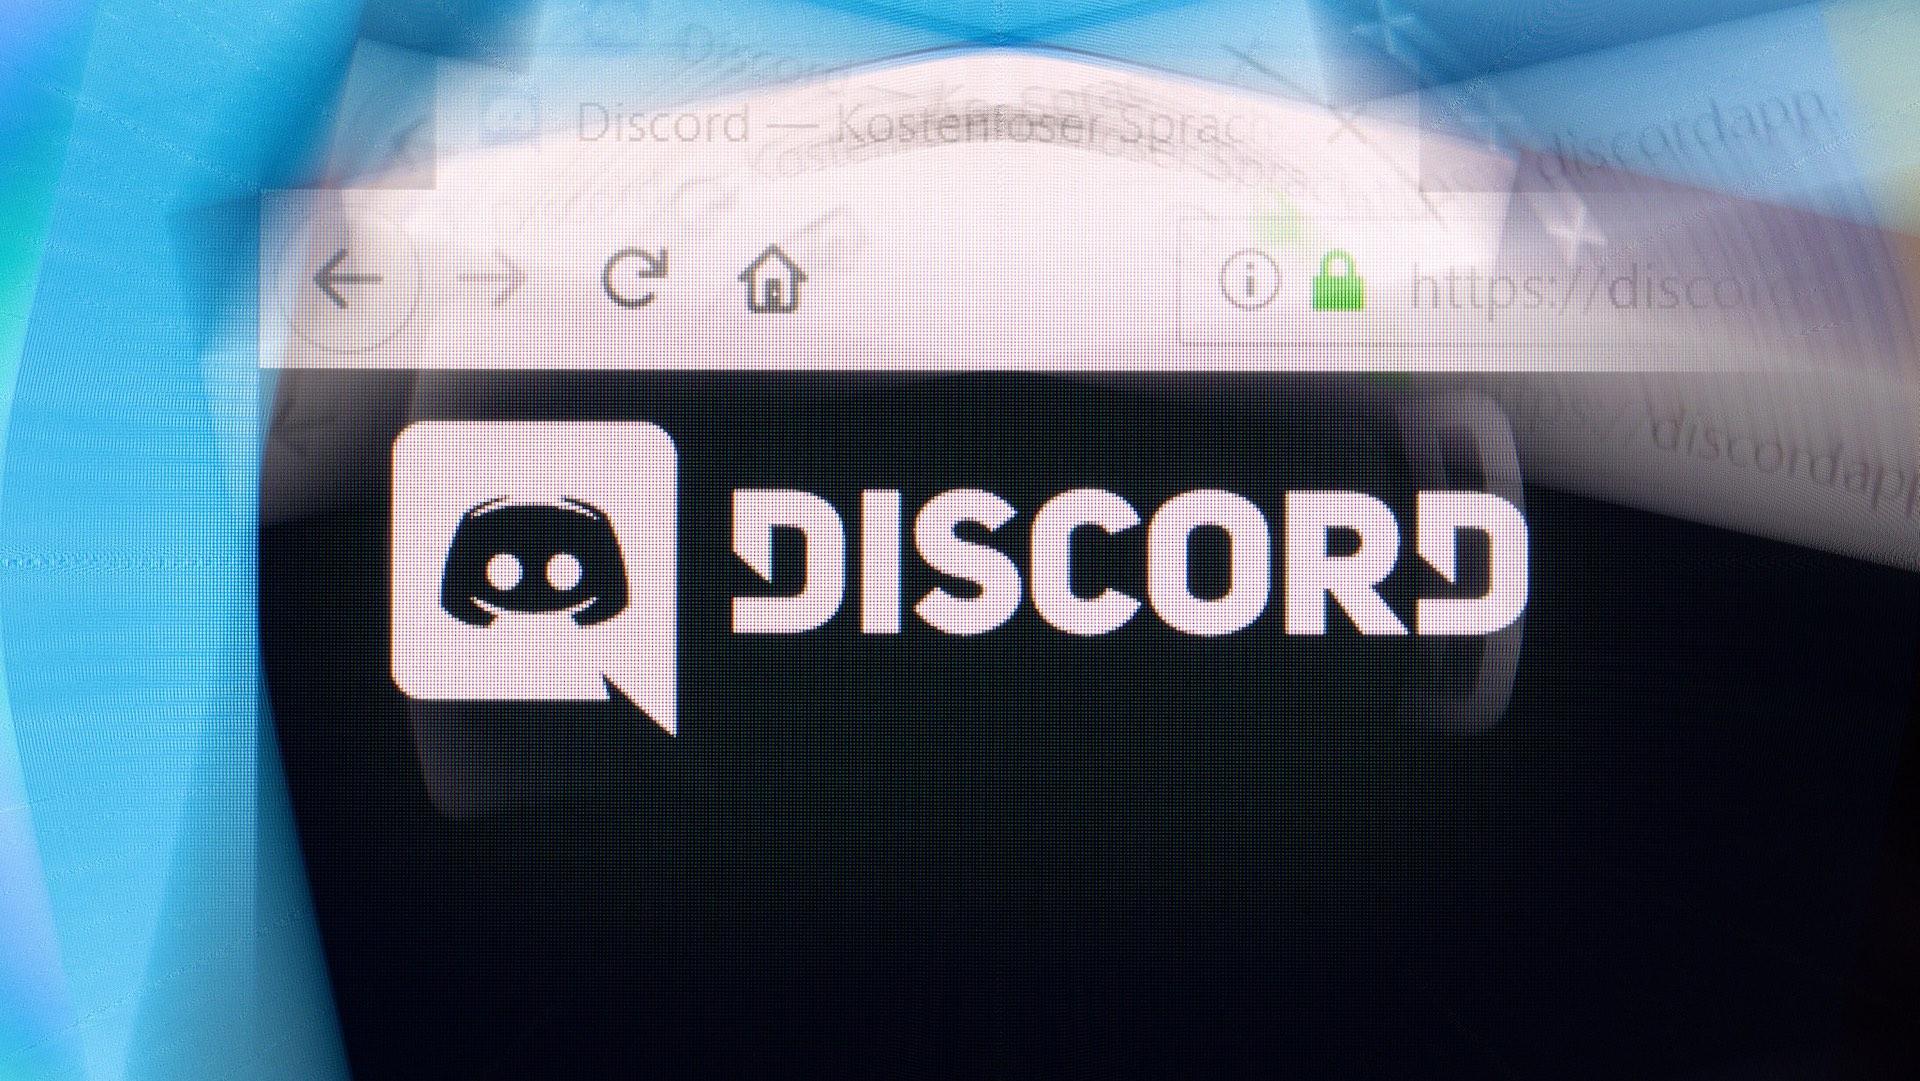 Ce malware transforme Discord en cheval de Troie qui aspire les mots de passe